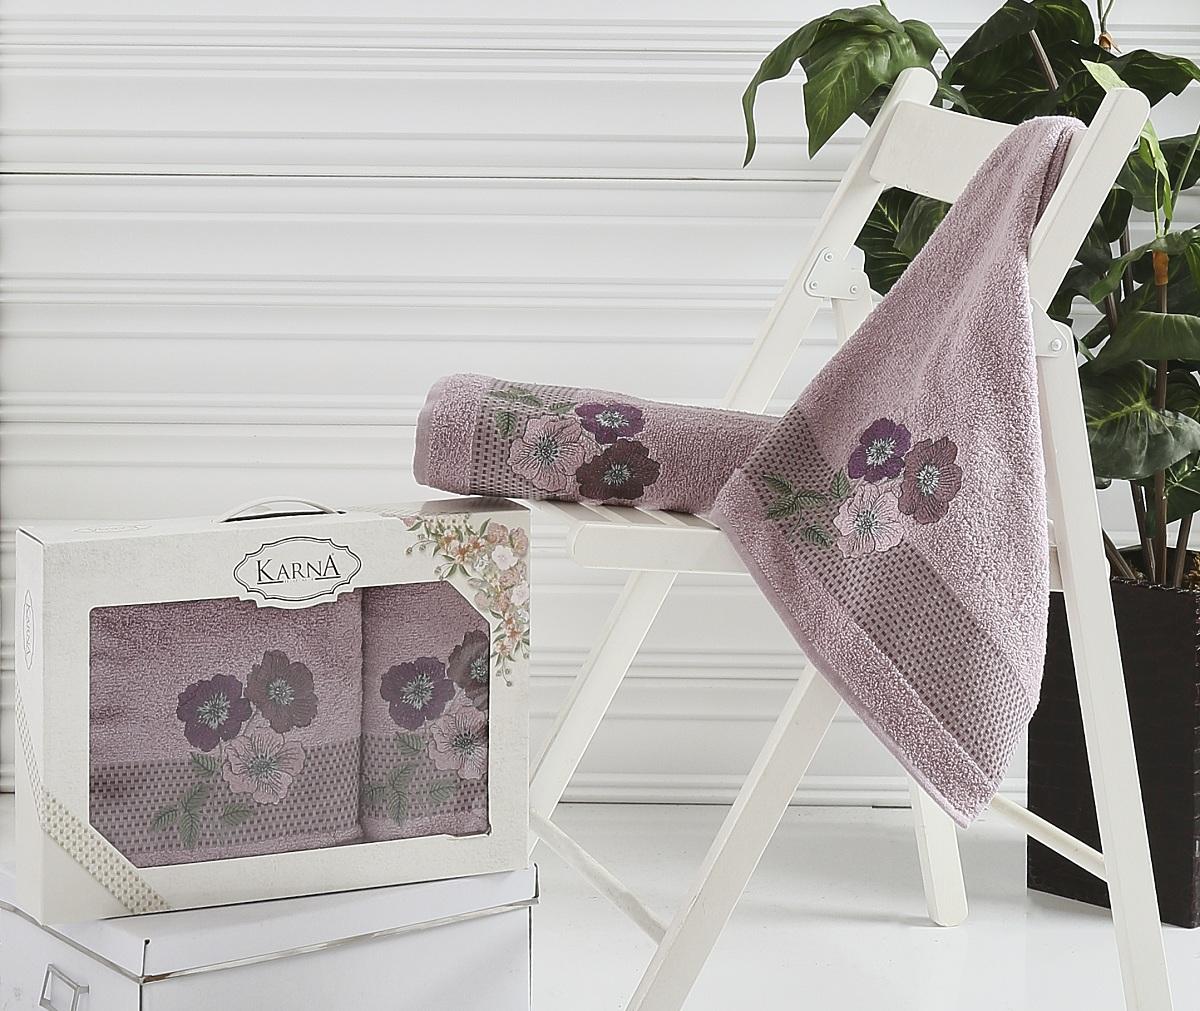 Набор полотенец Karna Sandy, цвет: светло-лавандовый, 2 шт2390/CHAR004